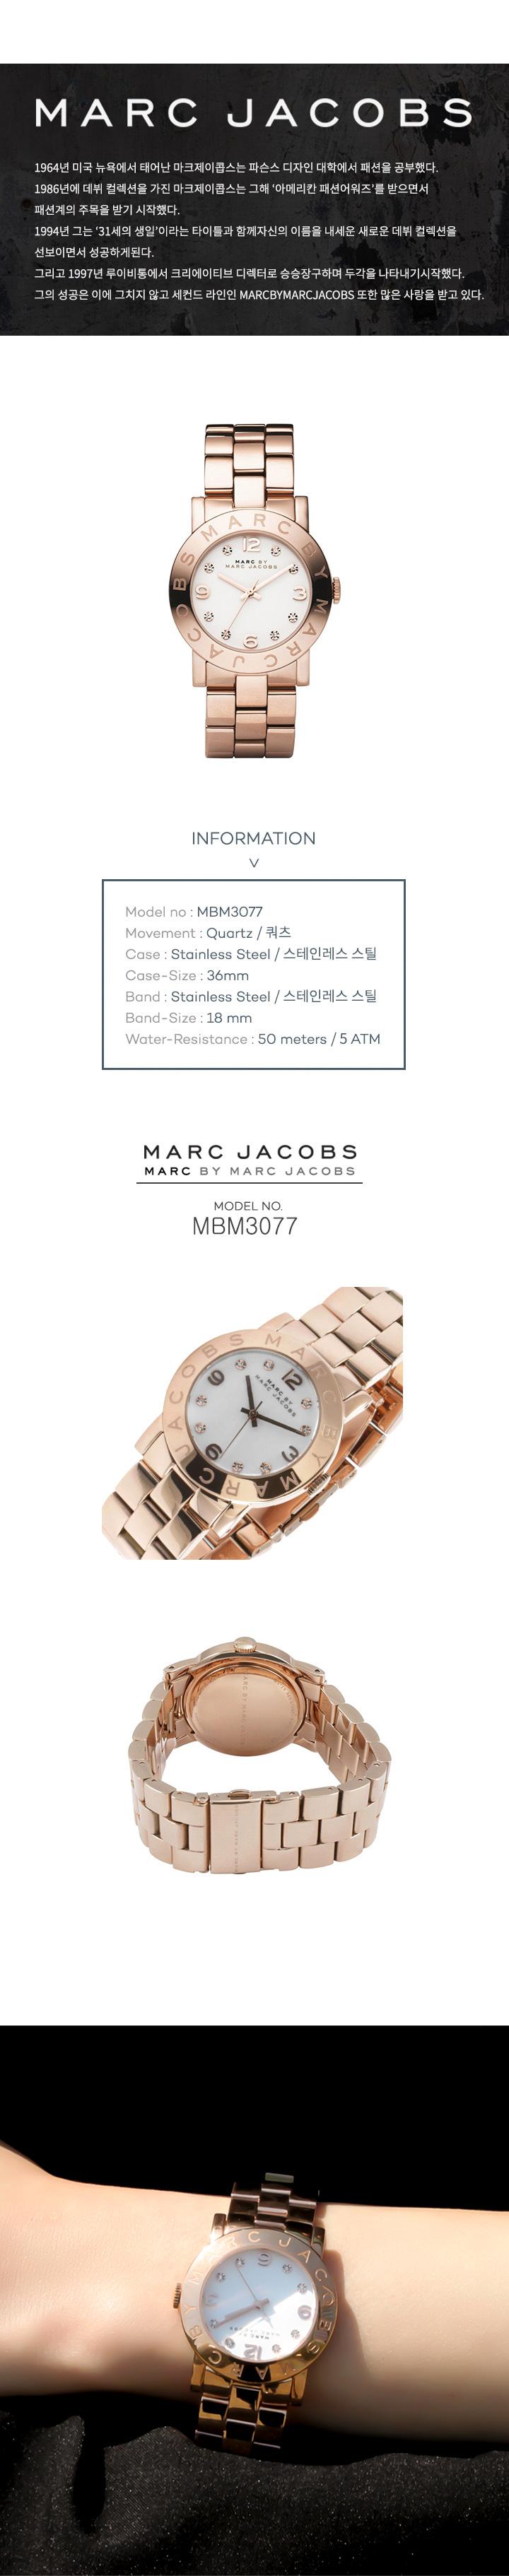 마크제이콥스(MARC JACOBS) 여성메탈시계 MBM3077